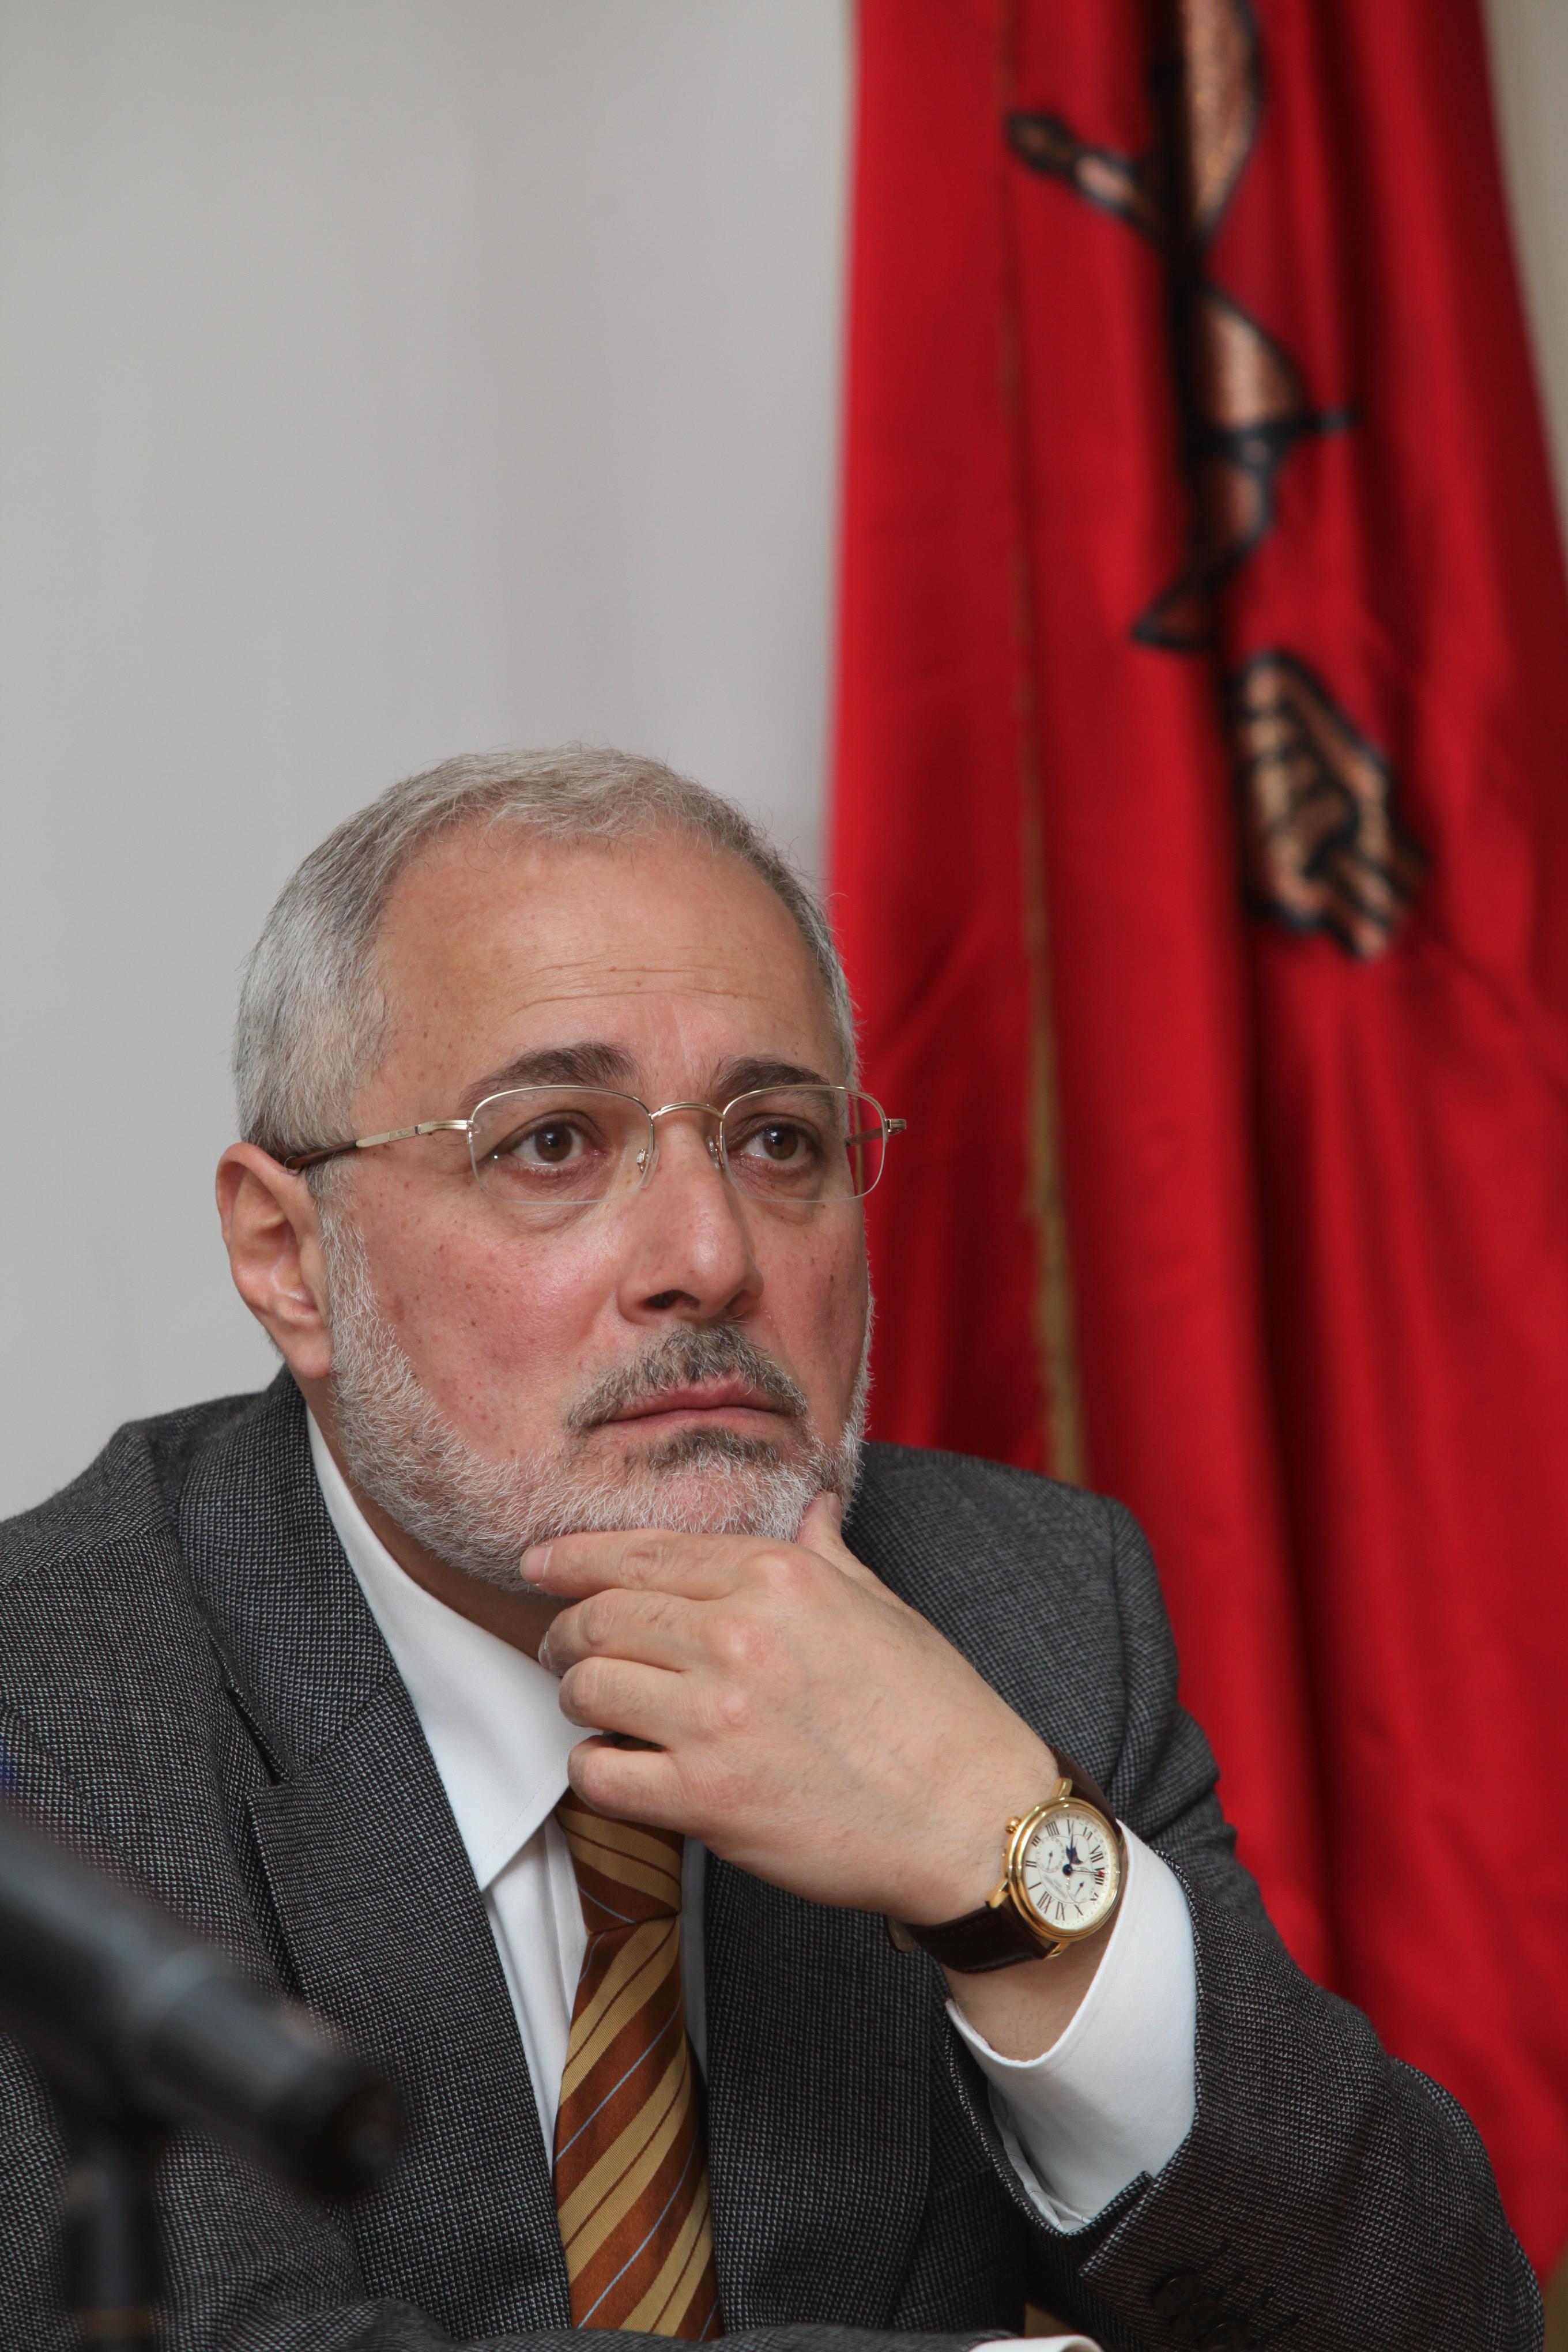 ARF-D MP Vahan Hovhannesyan